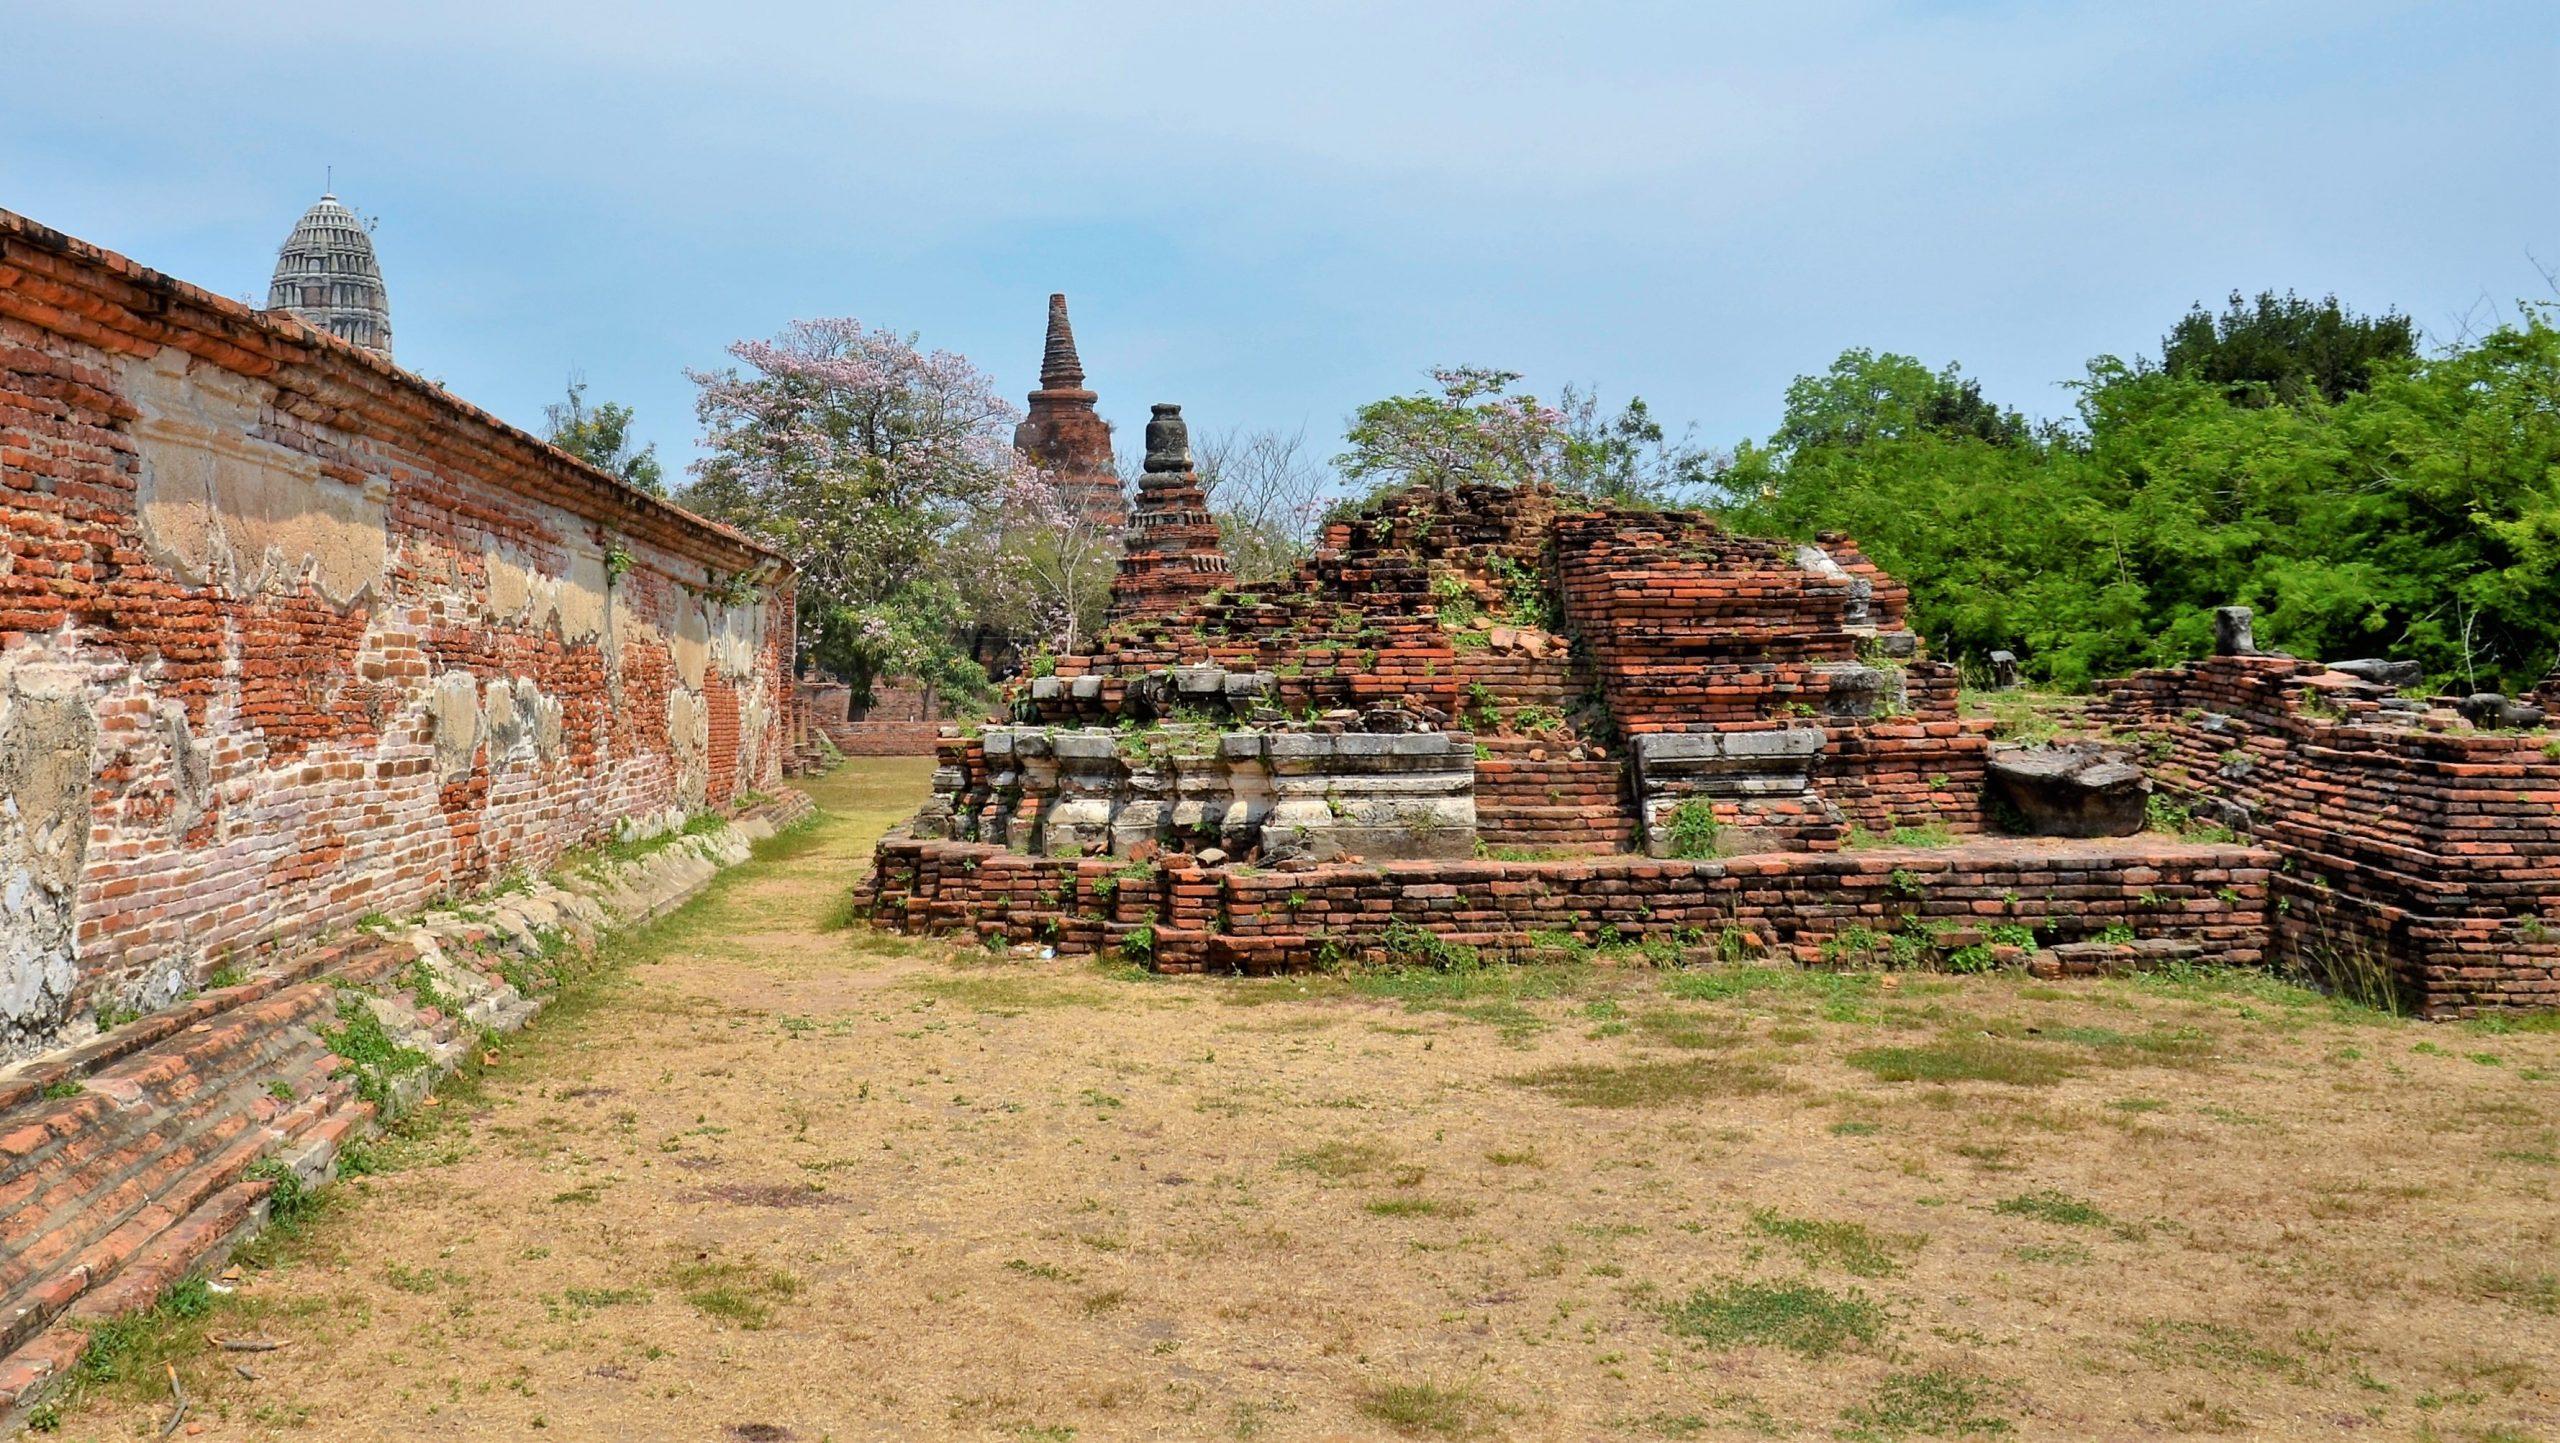 Tempelturm Wat Phra Ram & Reste eines Tempels in der Welterbestätte Ayutthaya